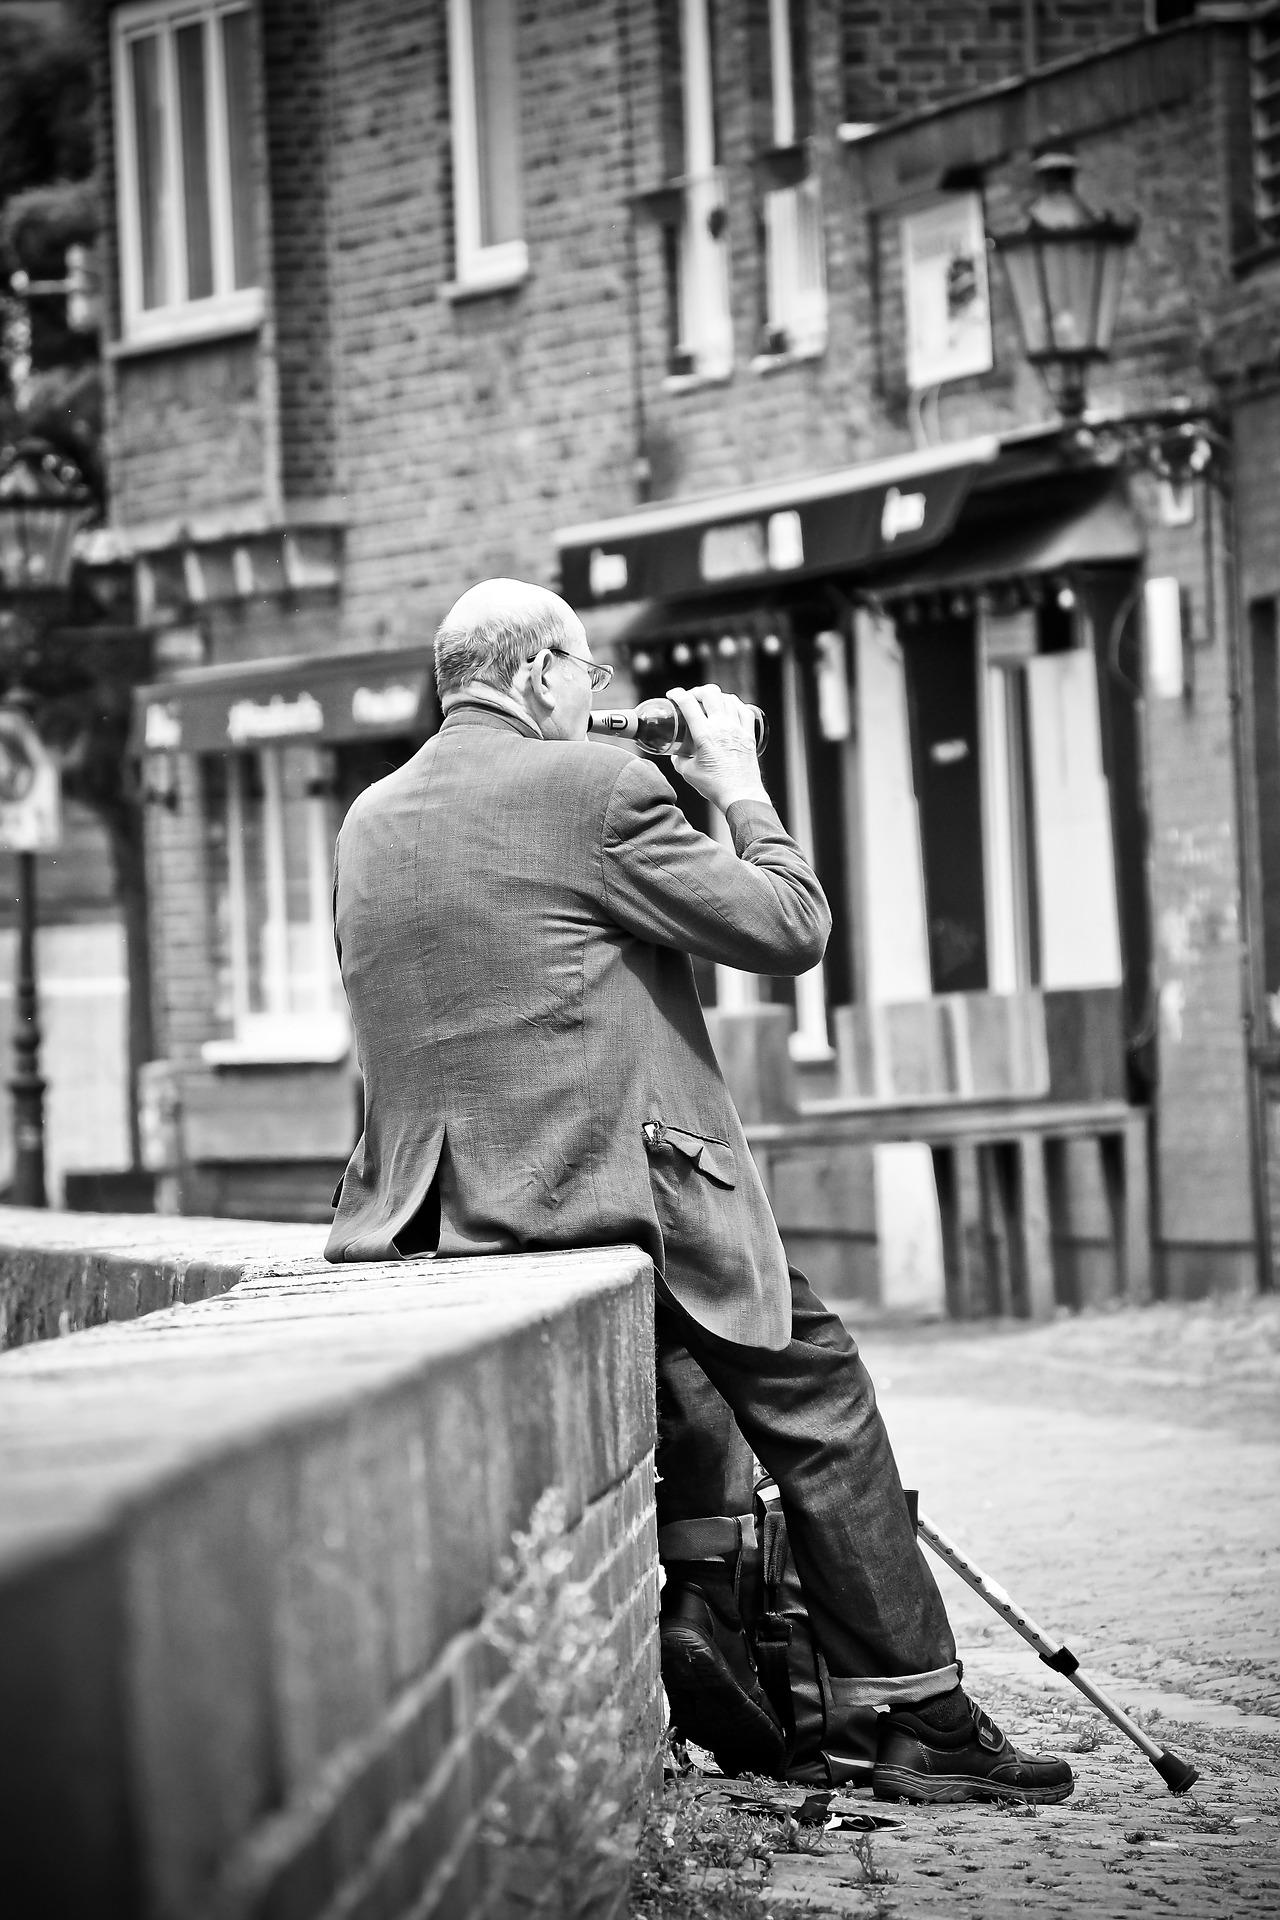 Begeleid jij ouderen in Amsterdam waarbij je je zorgen maakt om hun alcoholgebruik?